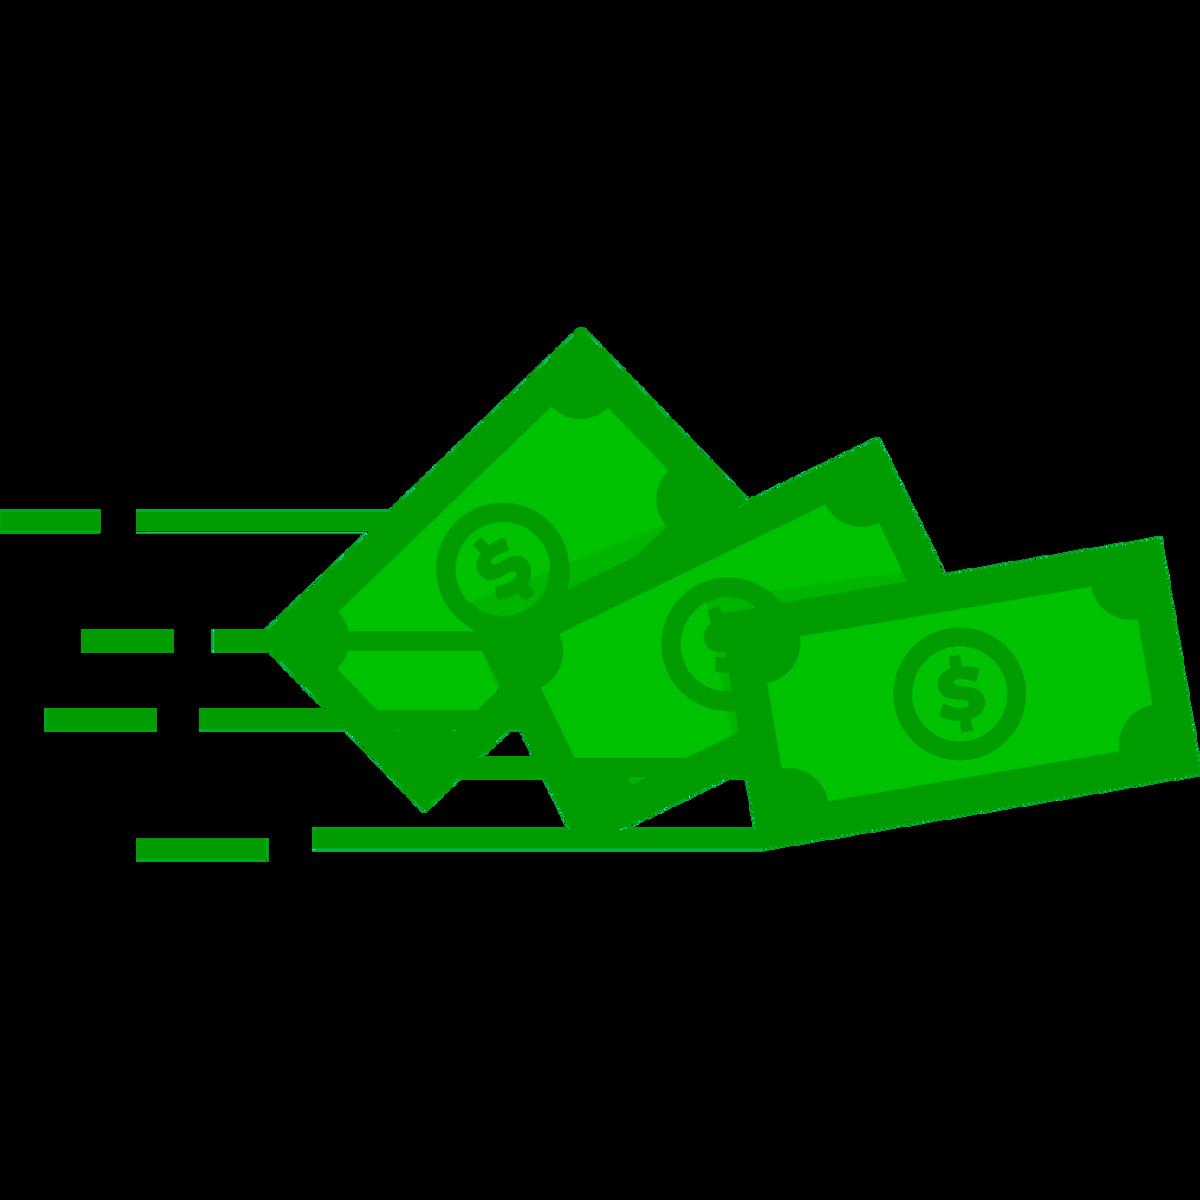 Получите кредит для бизнеса на любые цели – с возможностью подать заявку онлайн